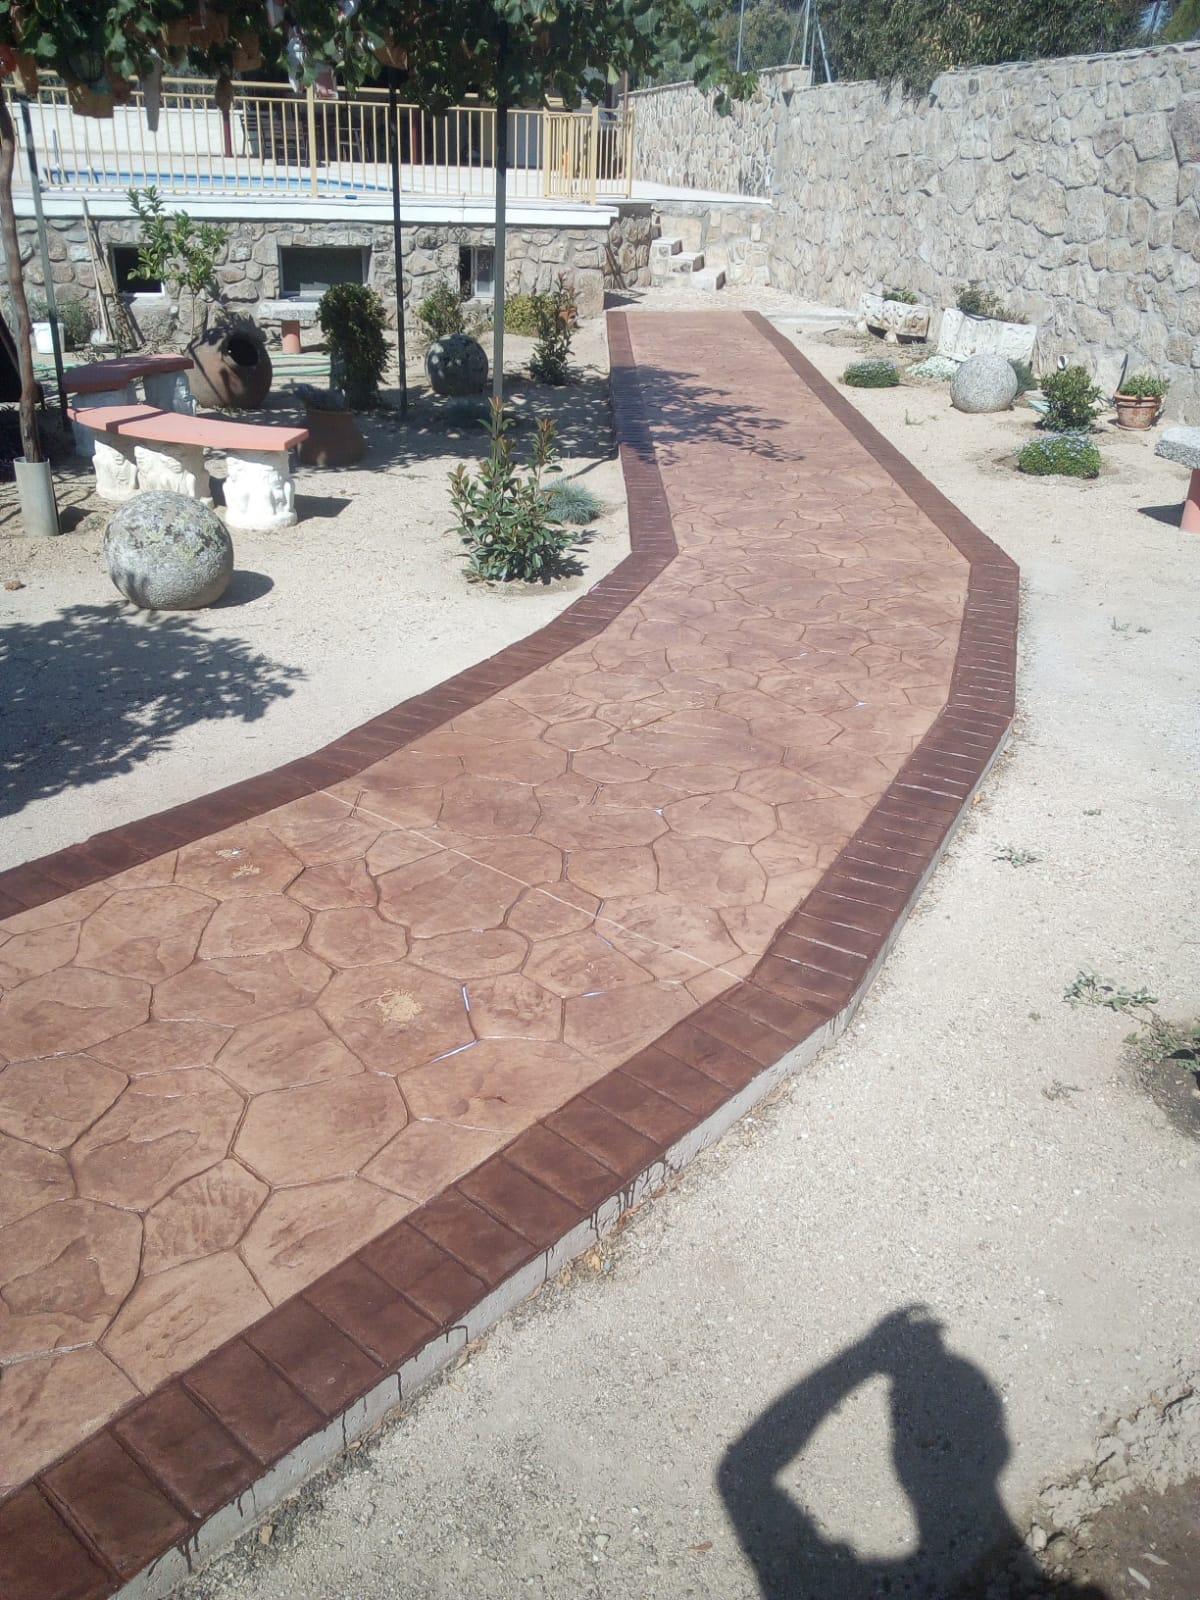 camino exterior con jardin